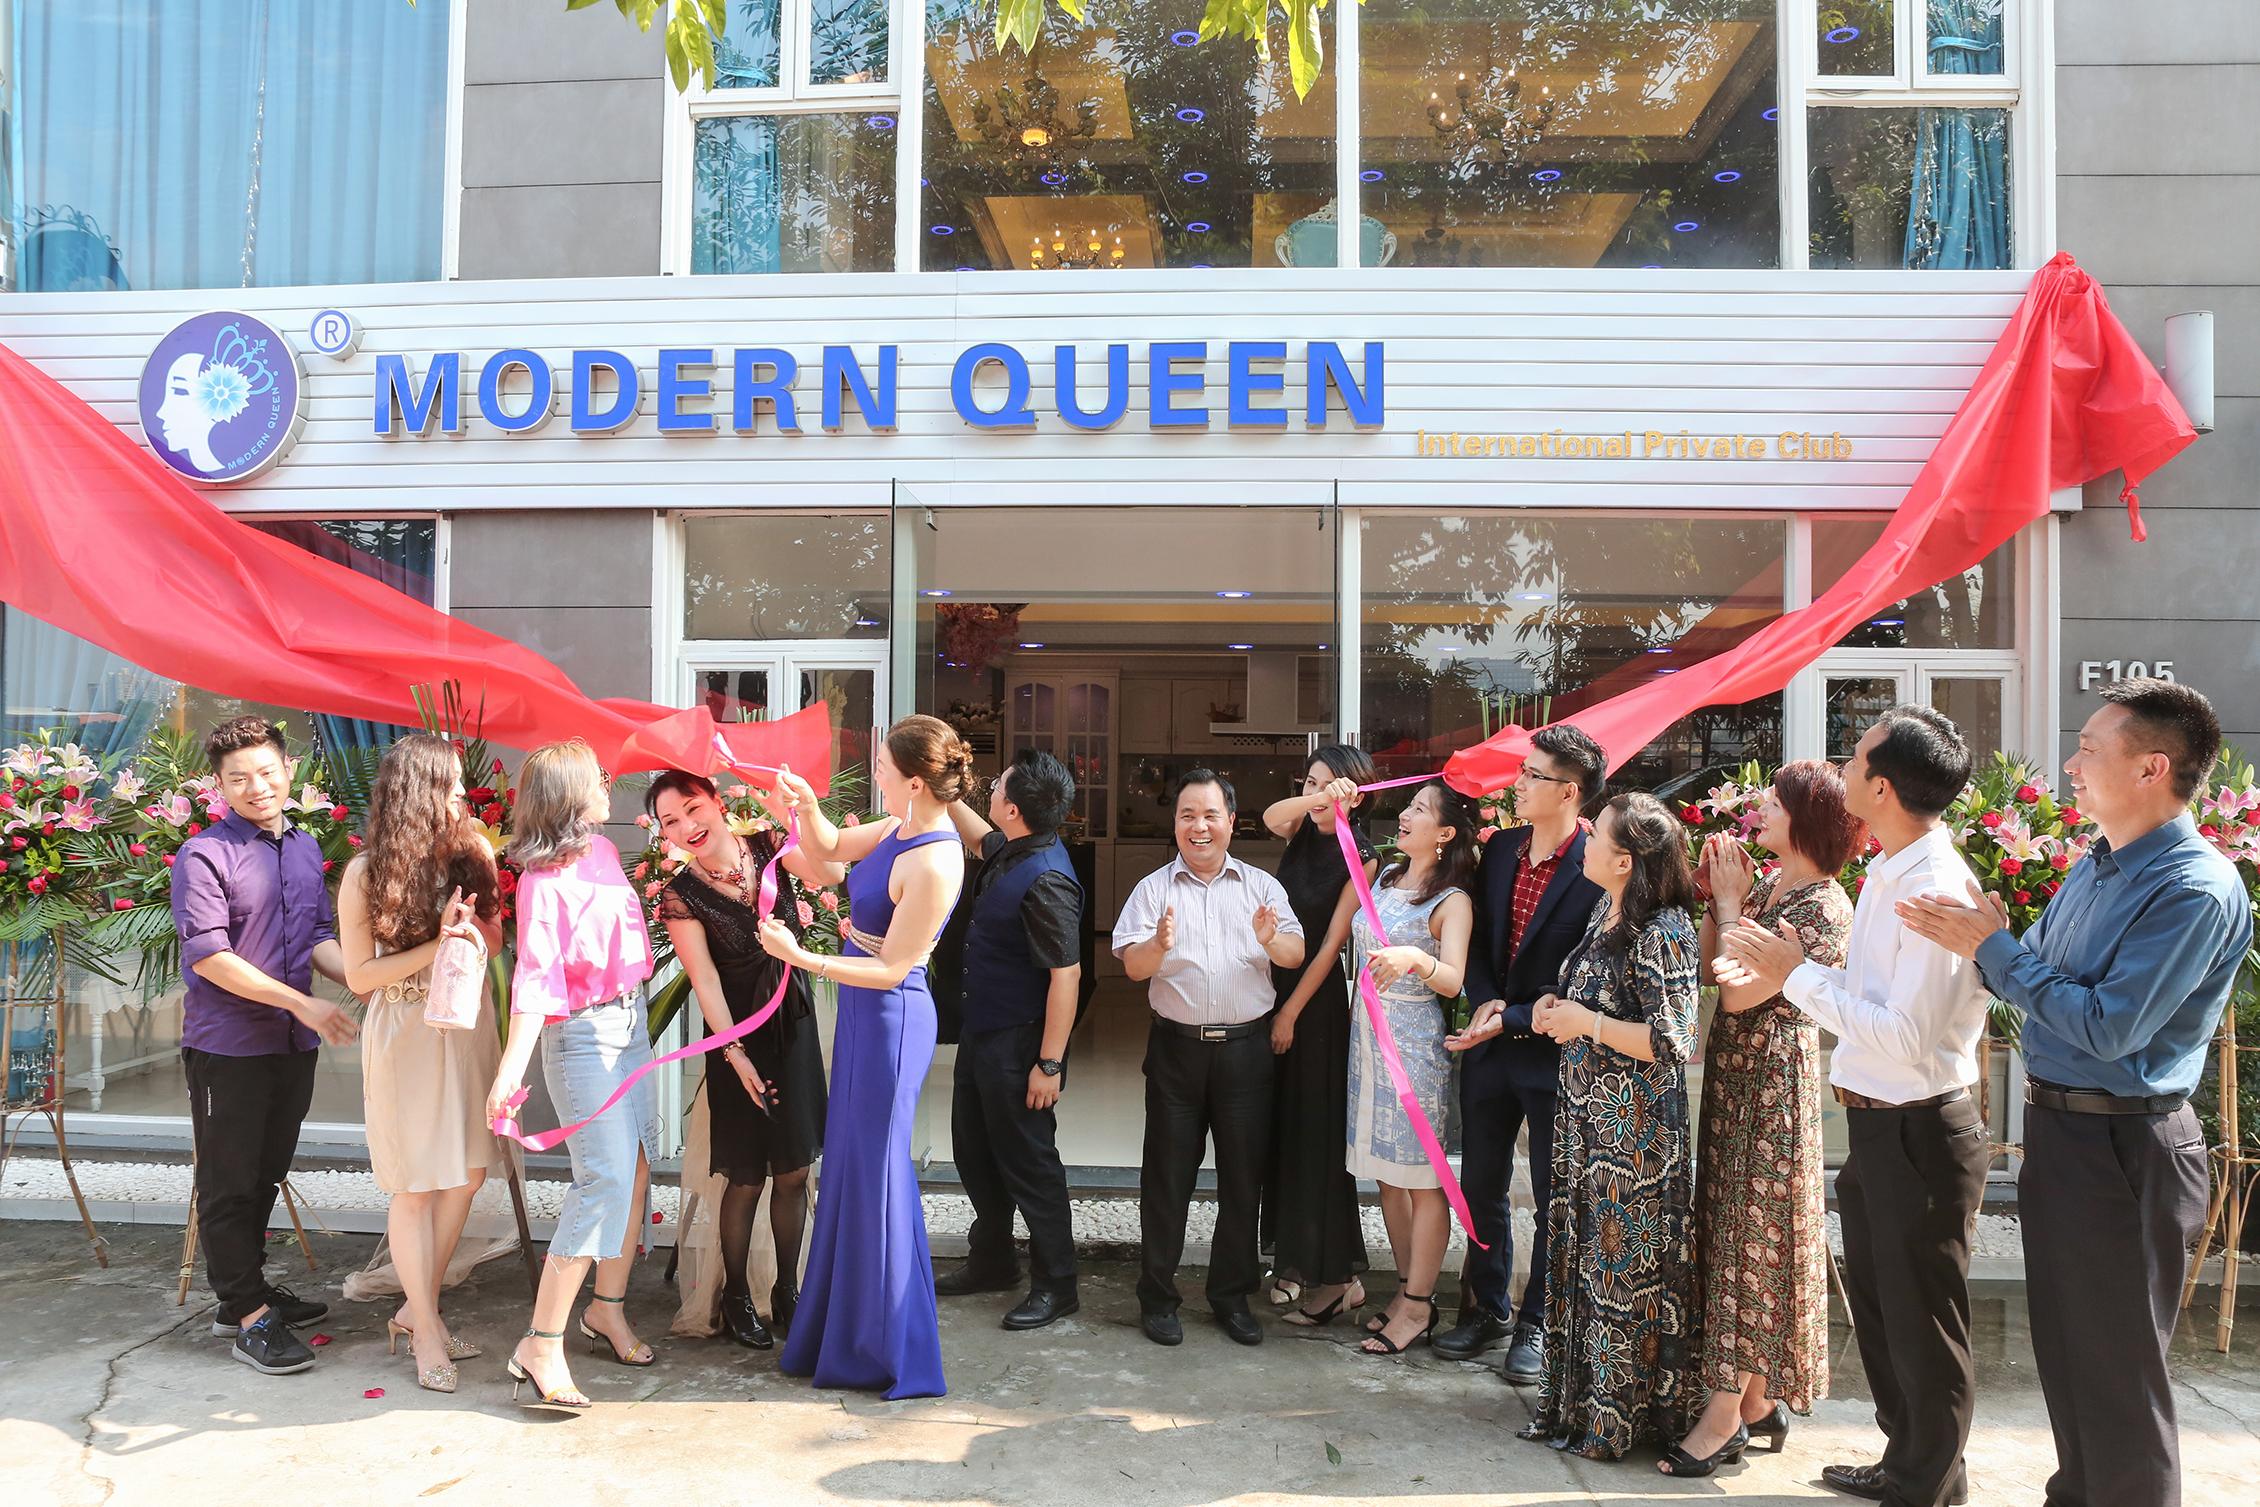 报视TOP:摩登女王会所暨摩登时代影视娱乐在广州开业